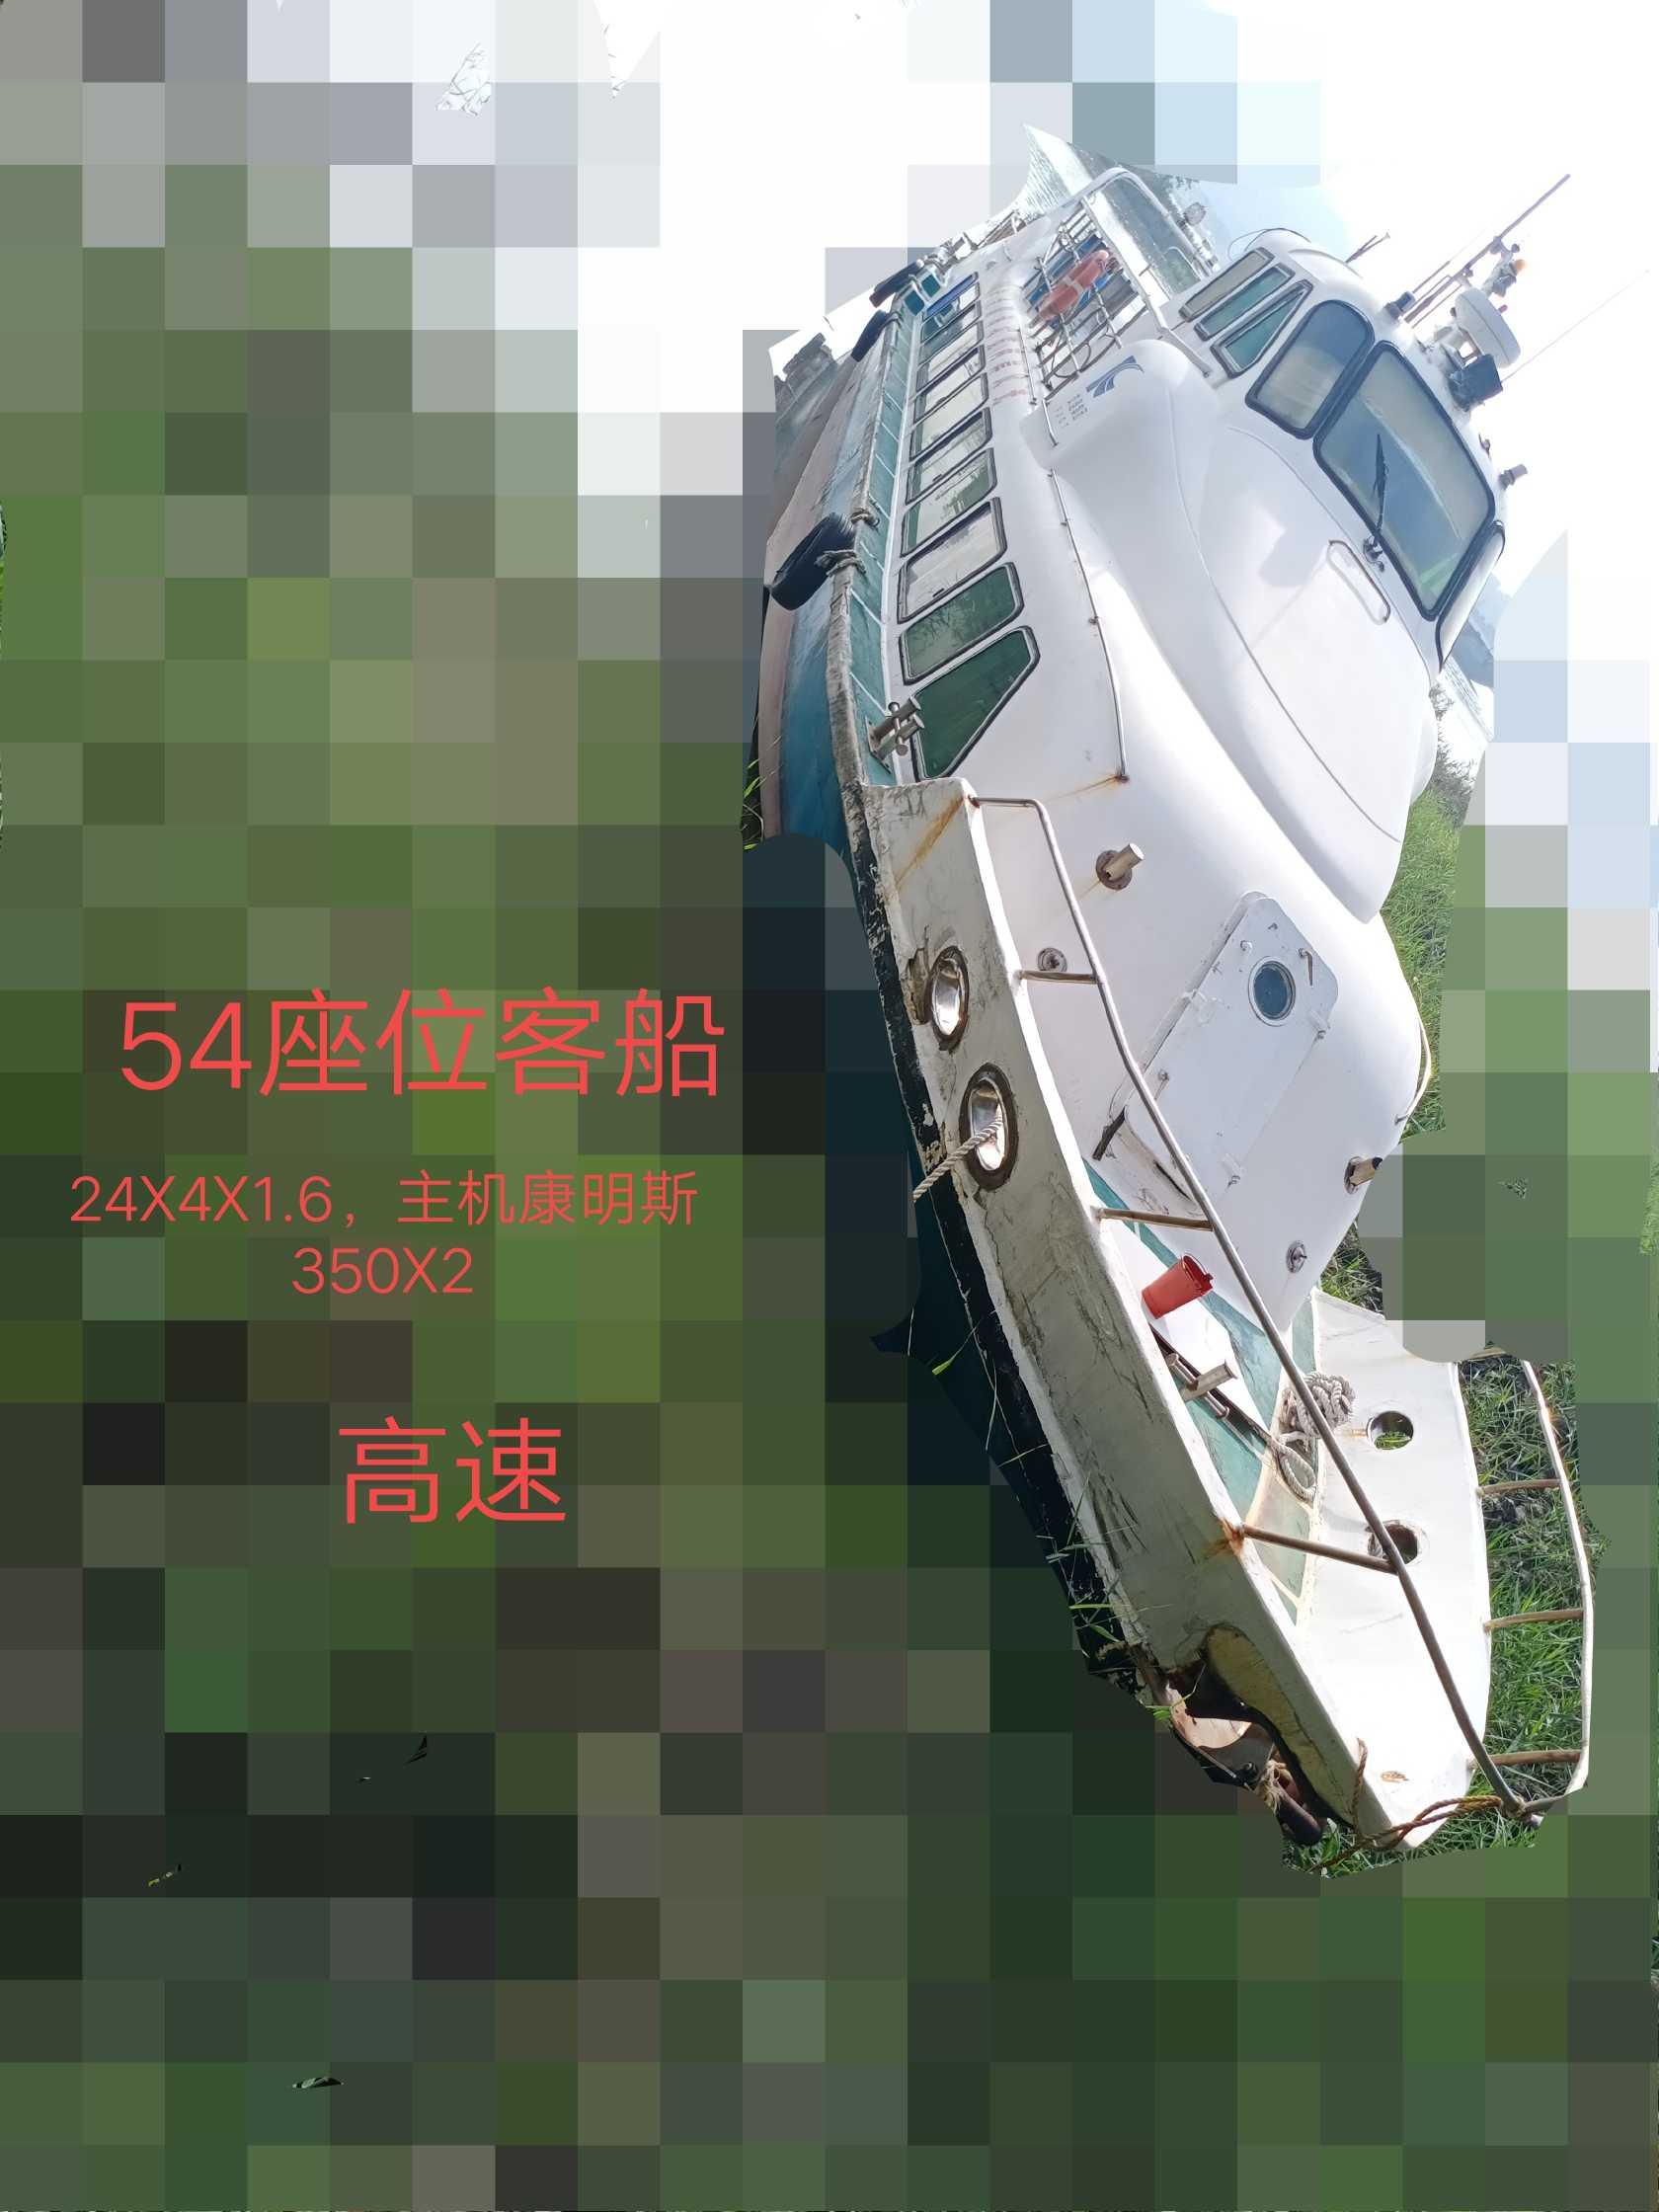 出售: 54座位客船